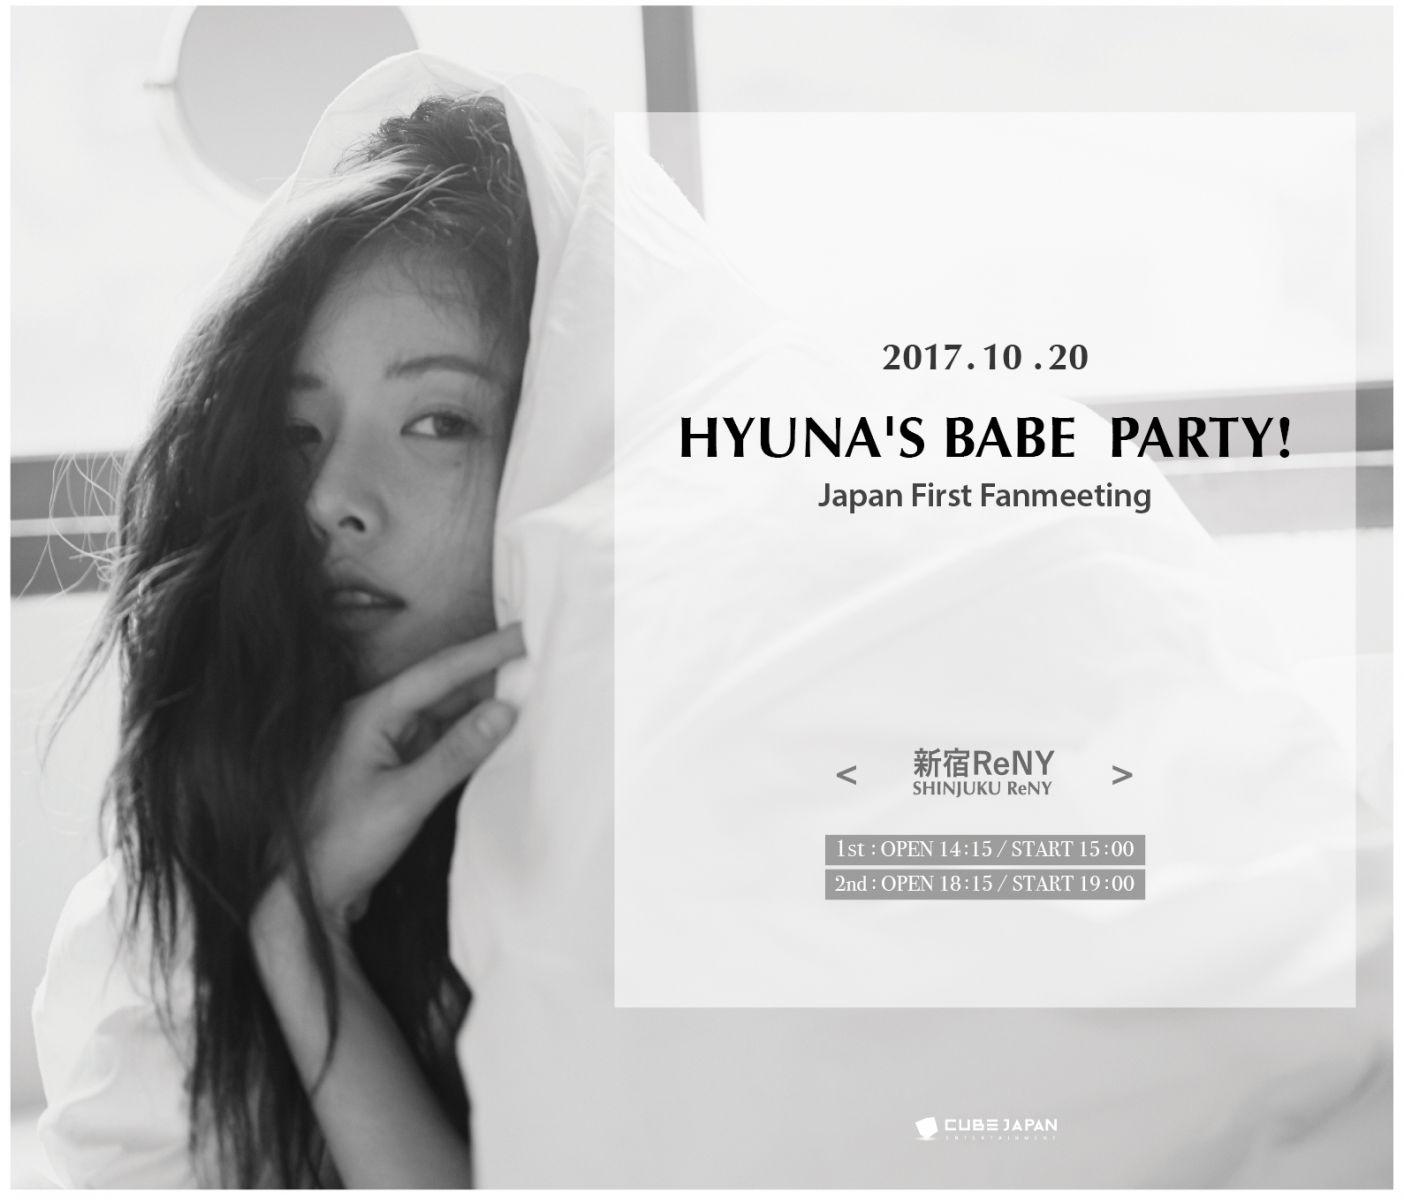 10/20(金) HYUNA'S BABE PARTY! Japan First Fanmeeting